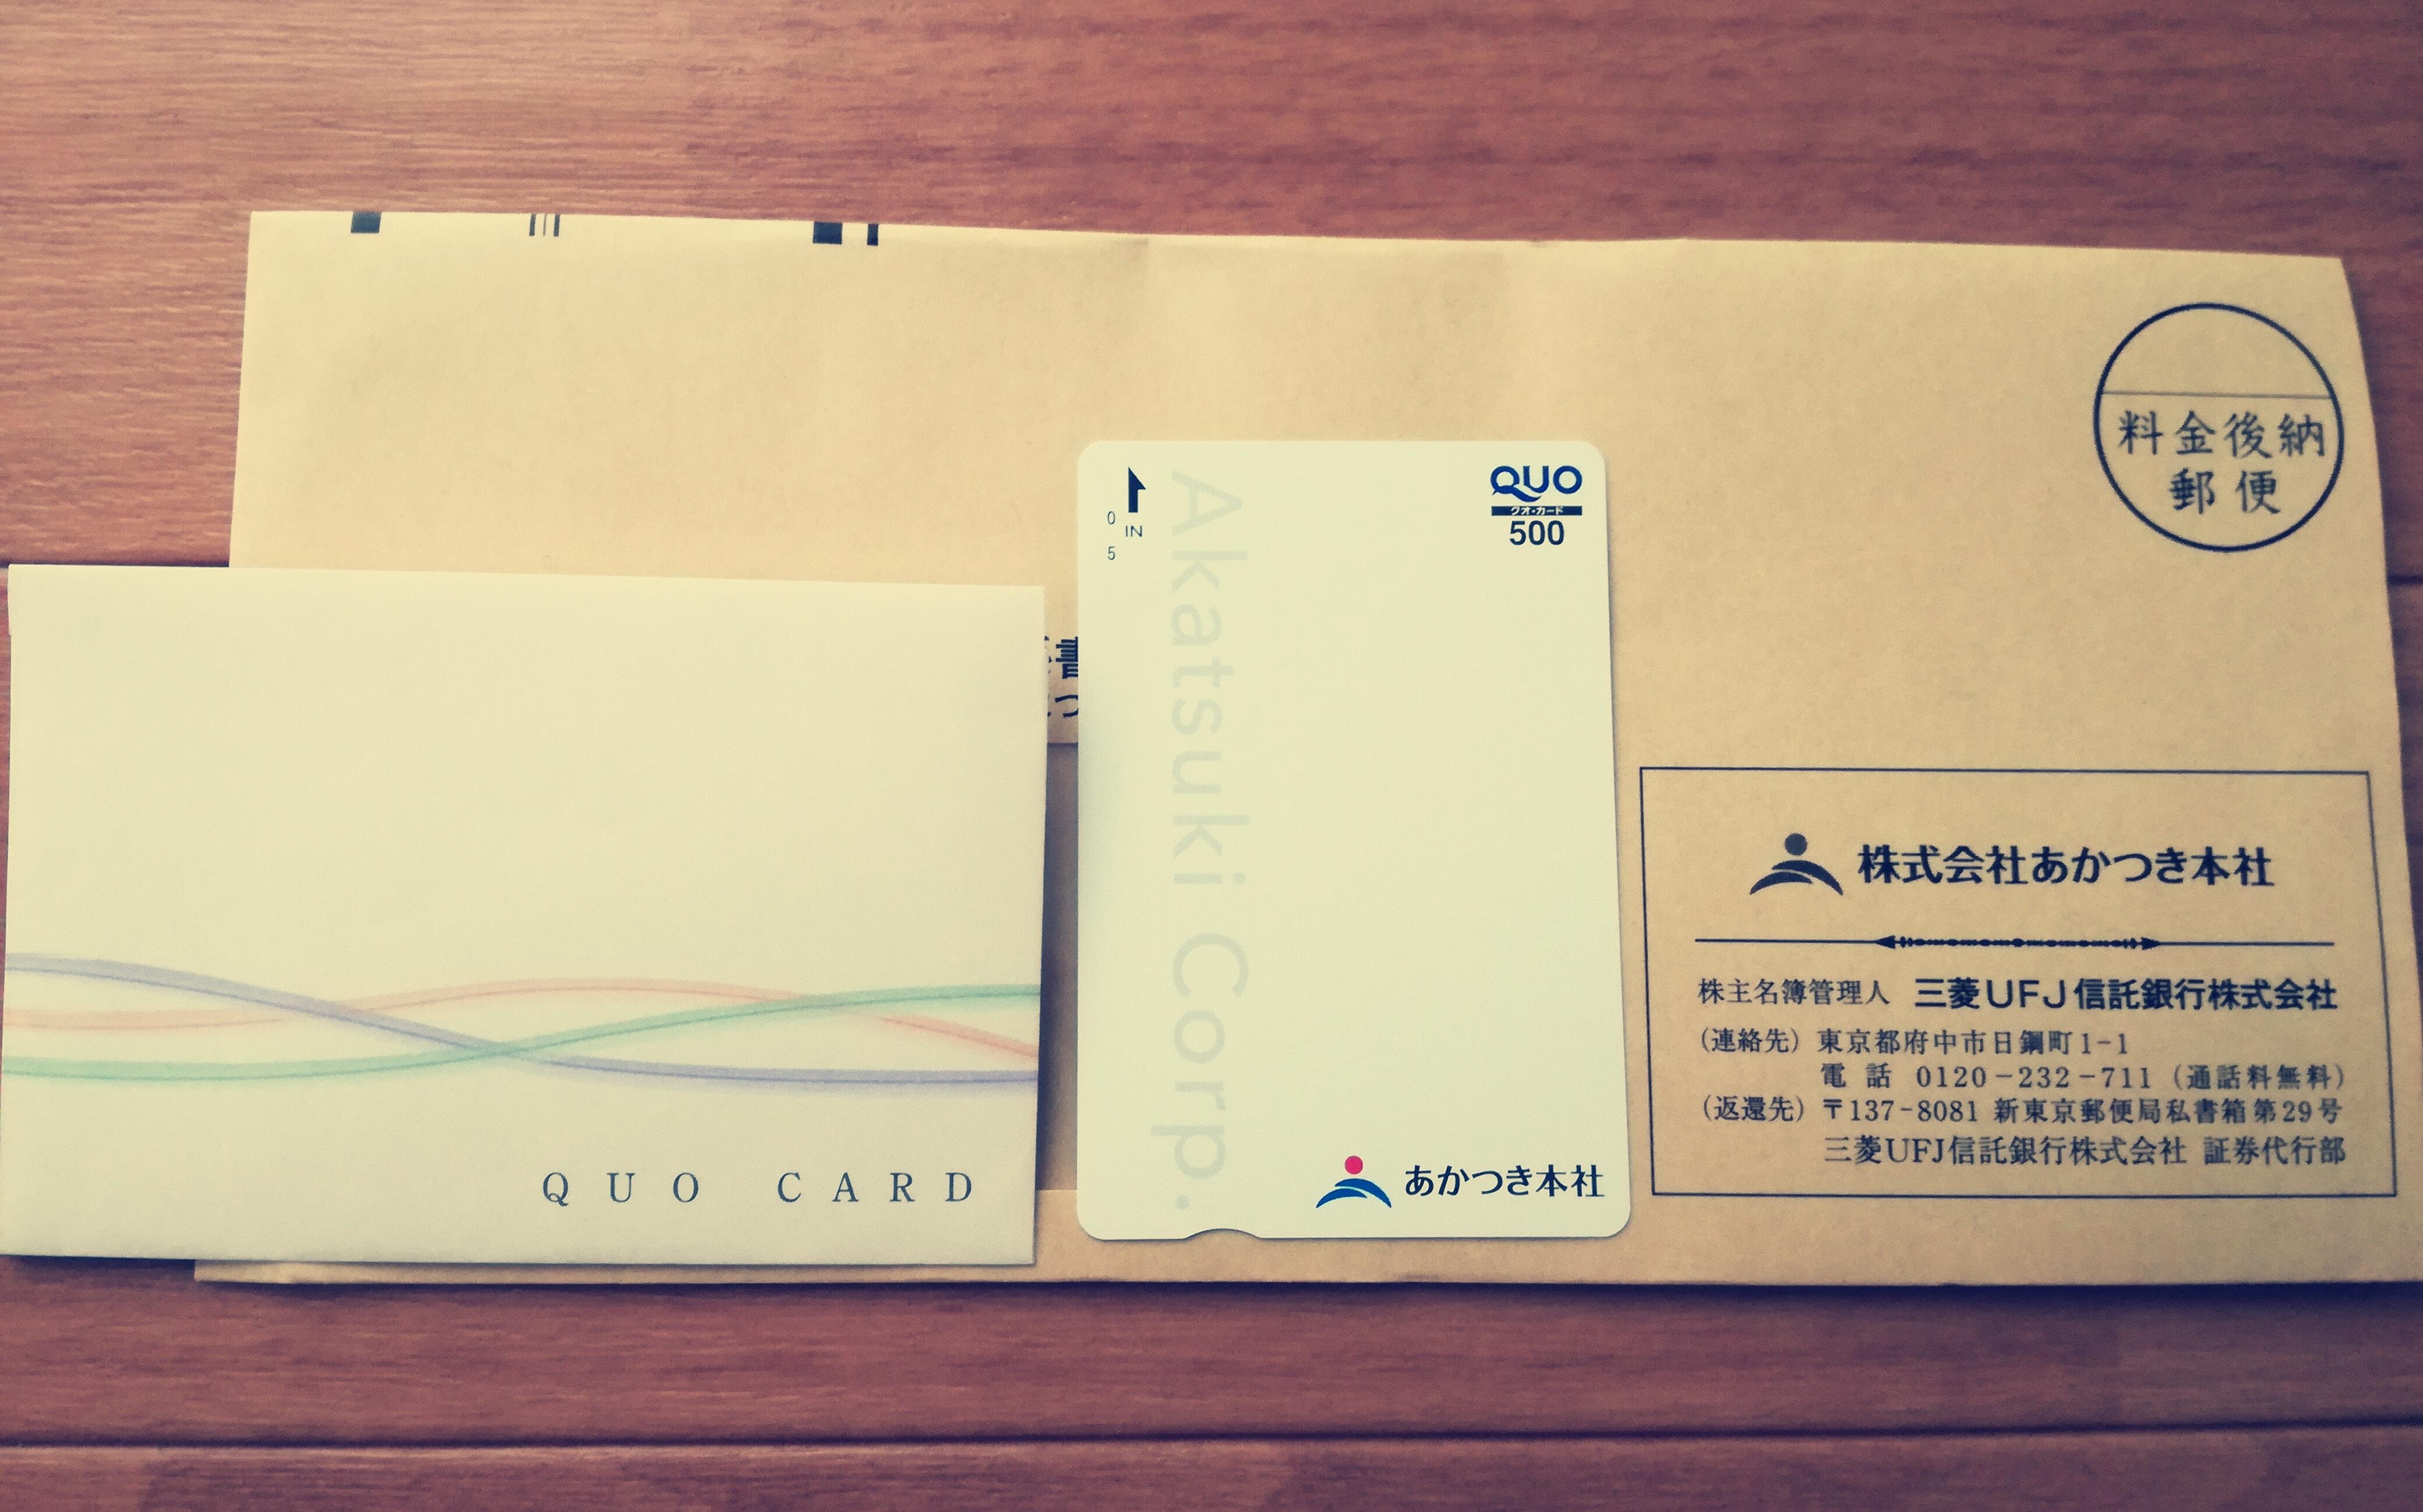 株主優待は今回で廃止(泣)あかつき本社(8737)から最後の株主優待クオカードが到着!